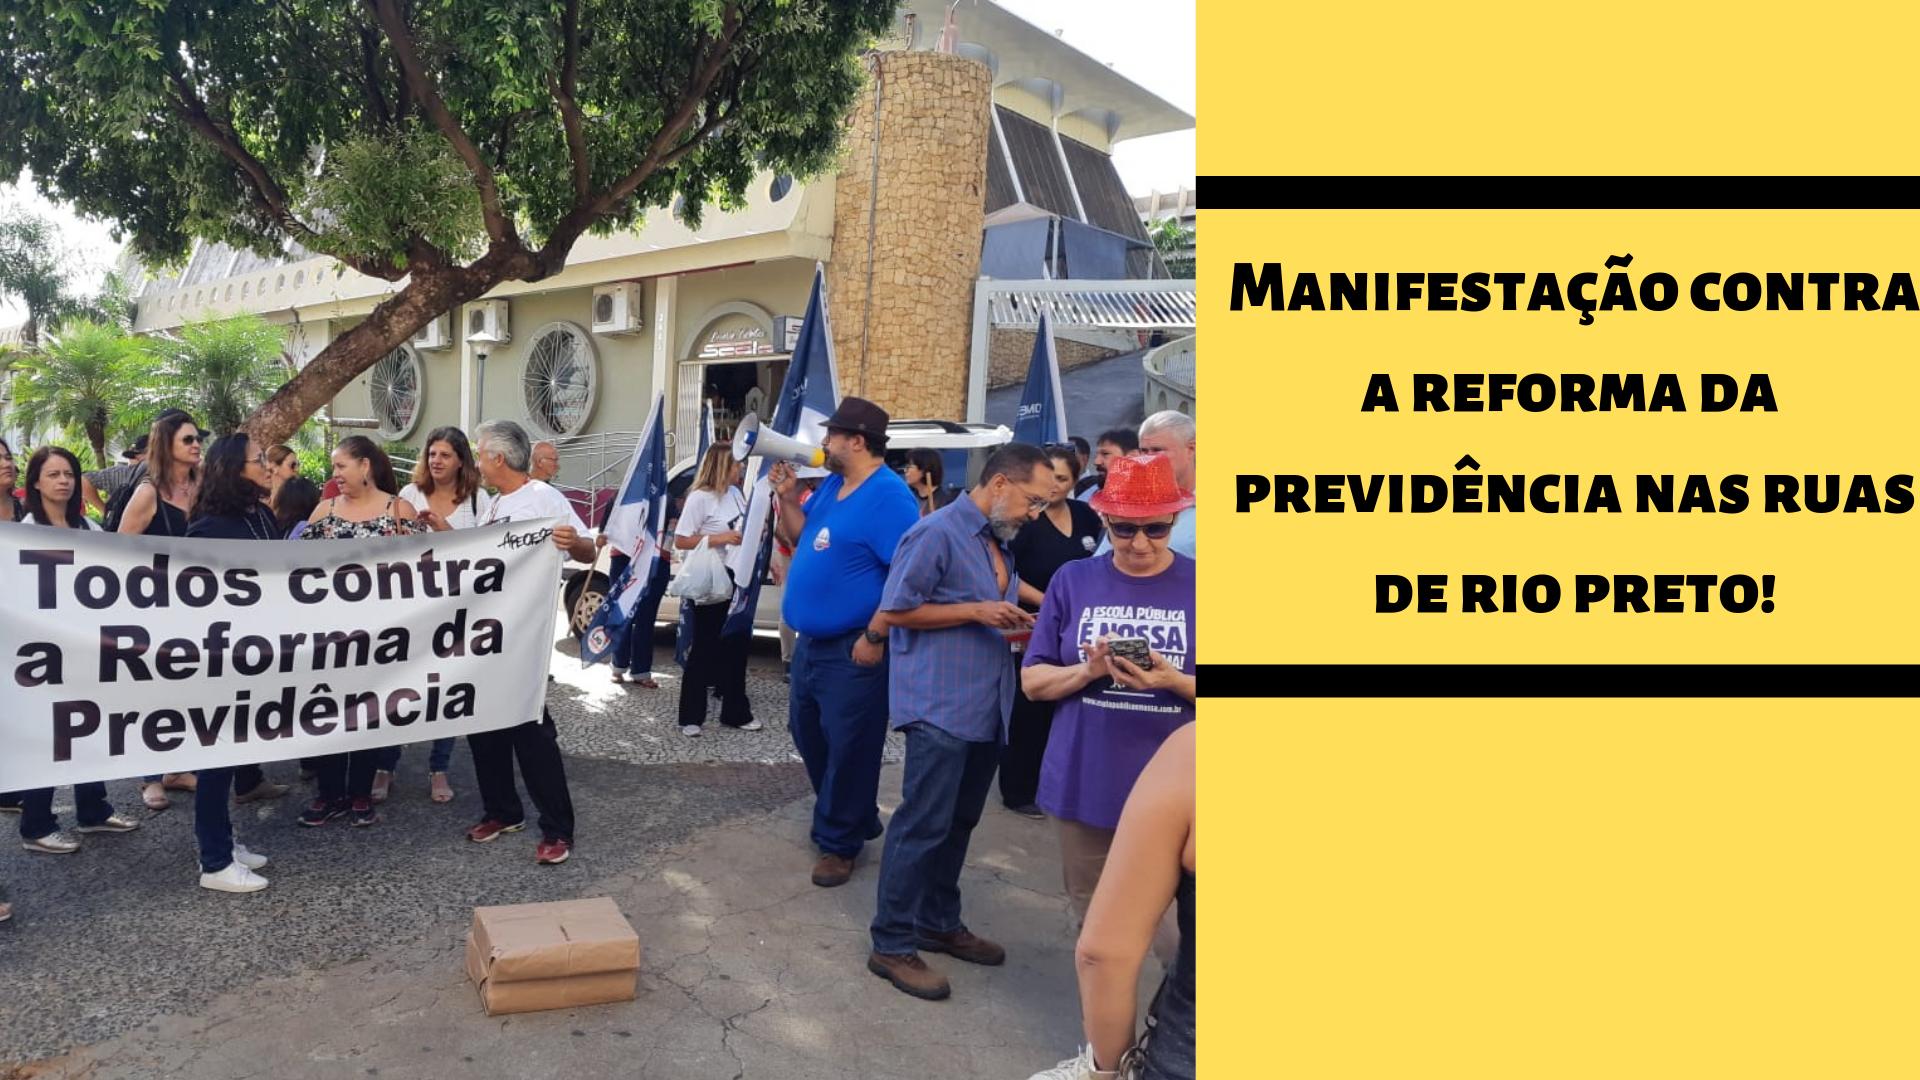 Manifestação nas ruas de Rio Preto